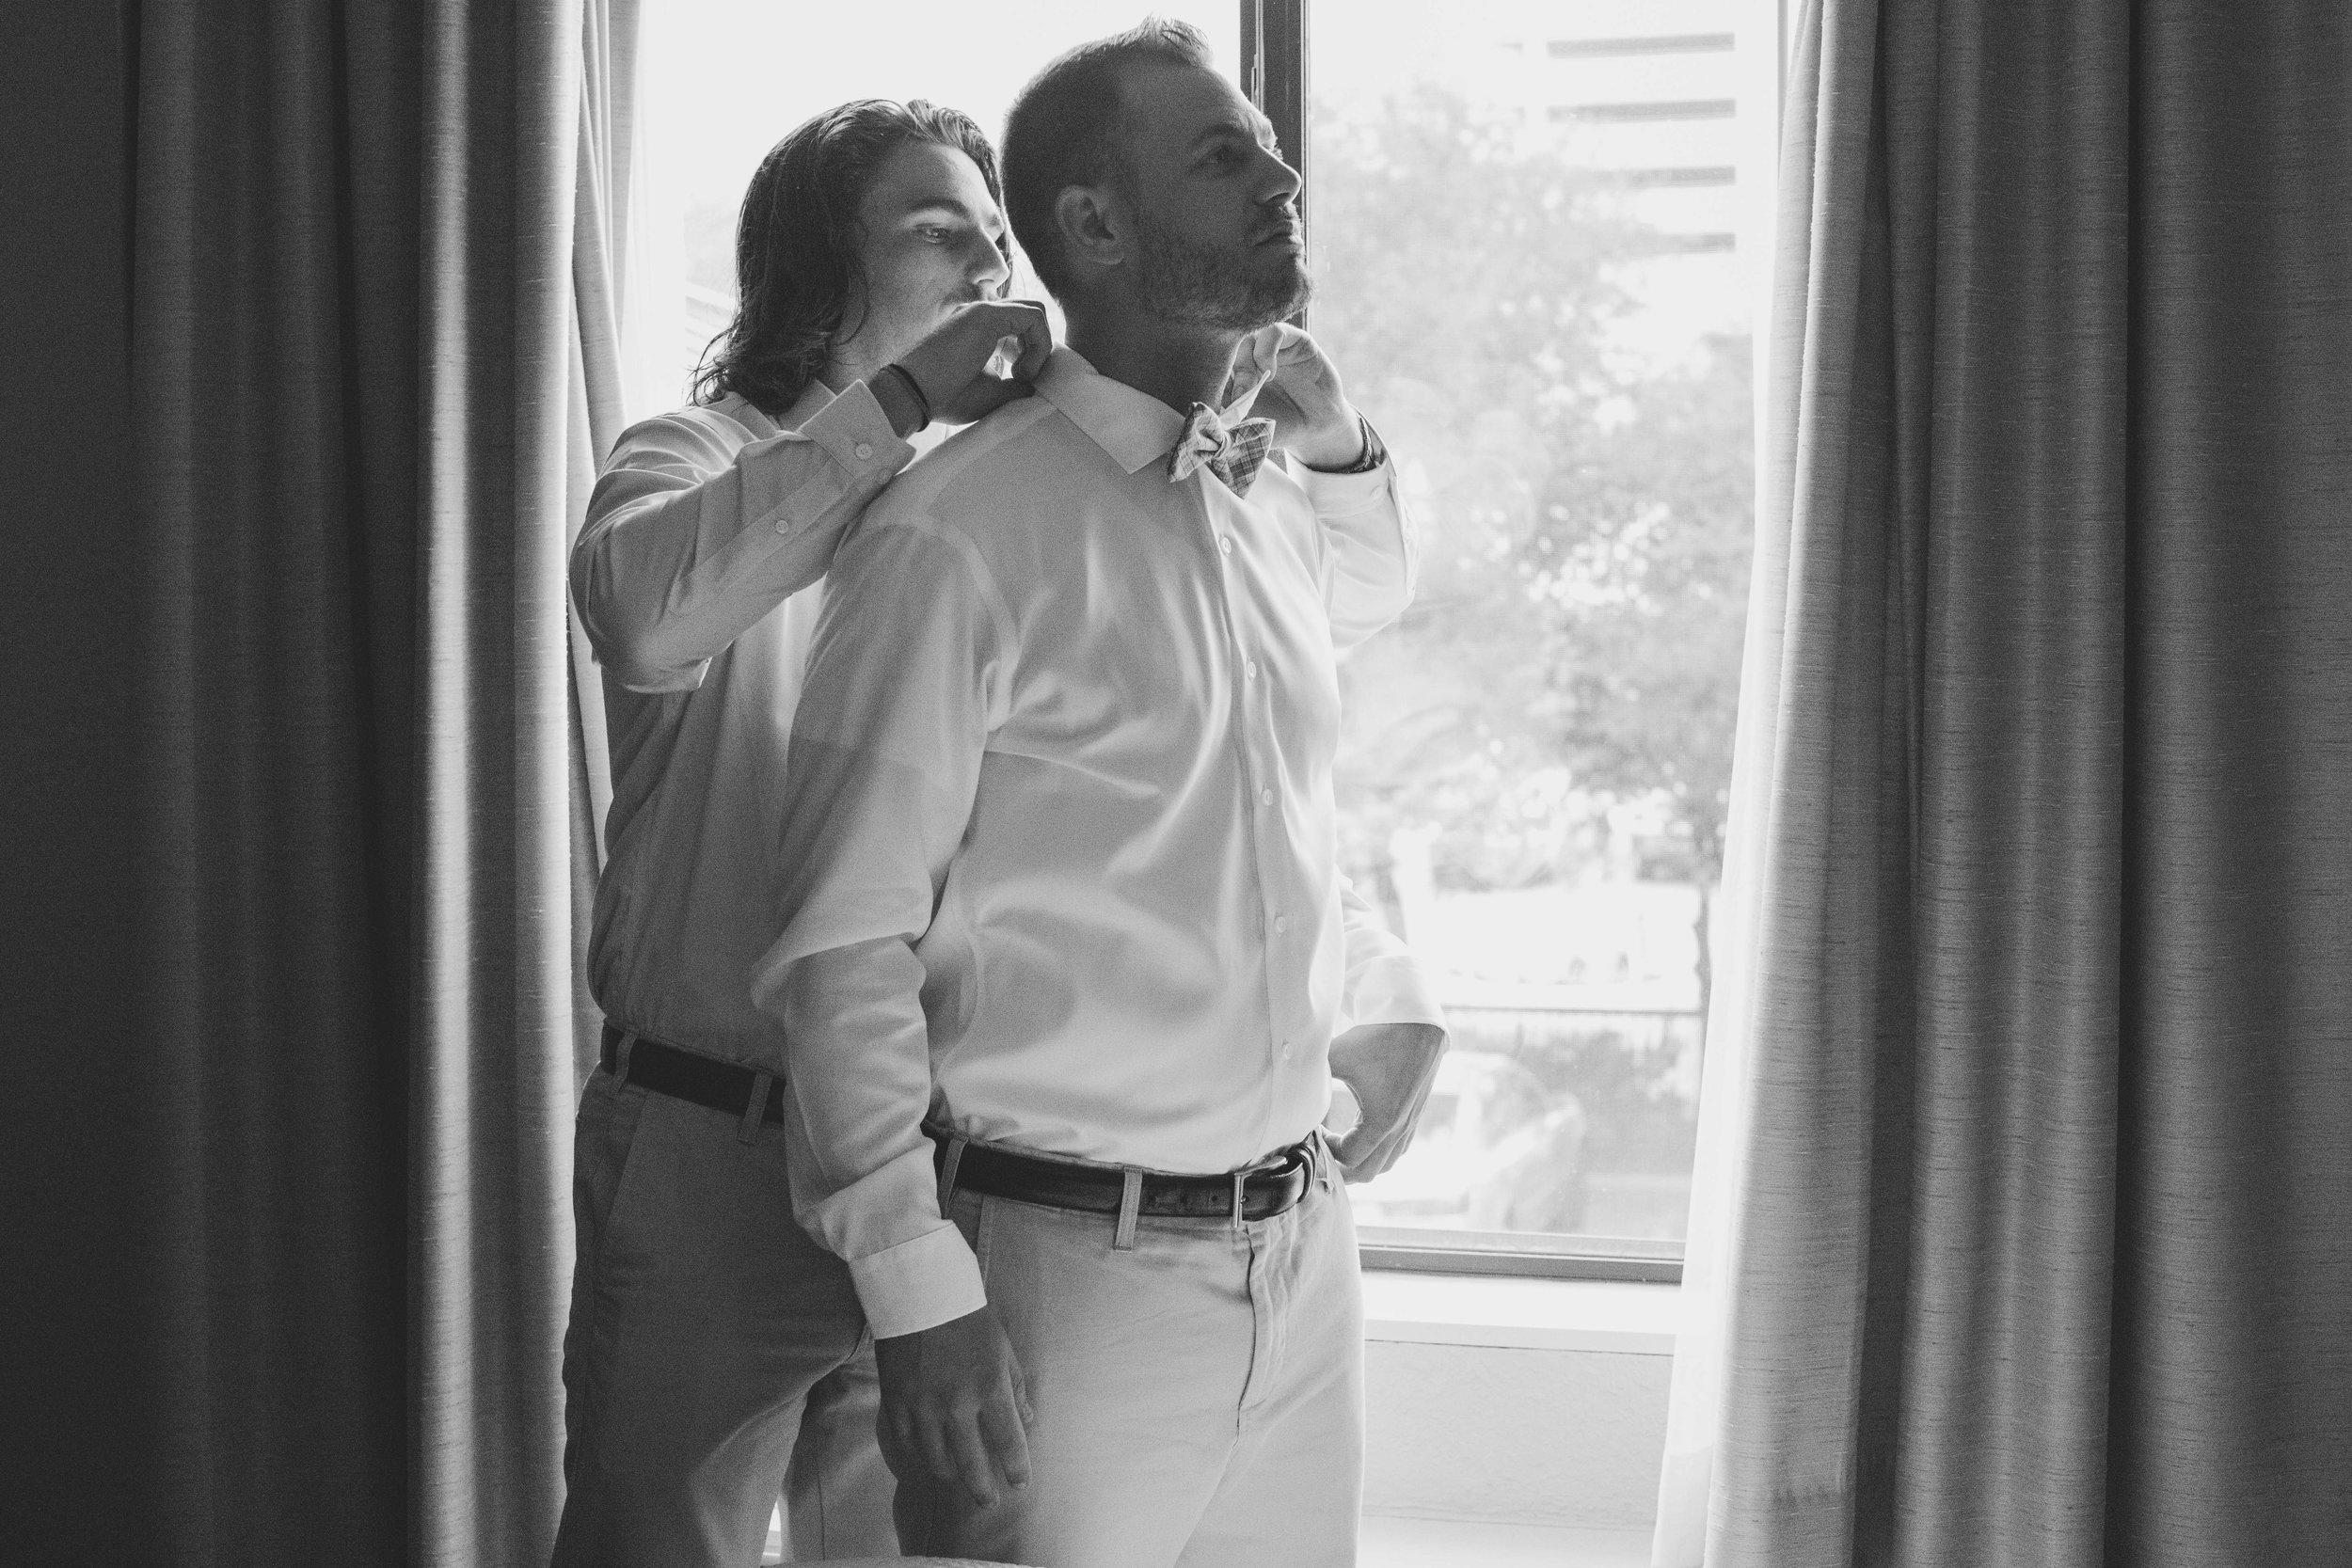 ATGI_Susanna & Matt Wedding_717A7039.jpg